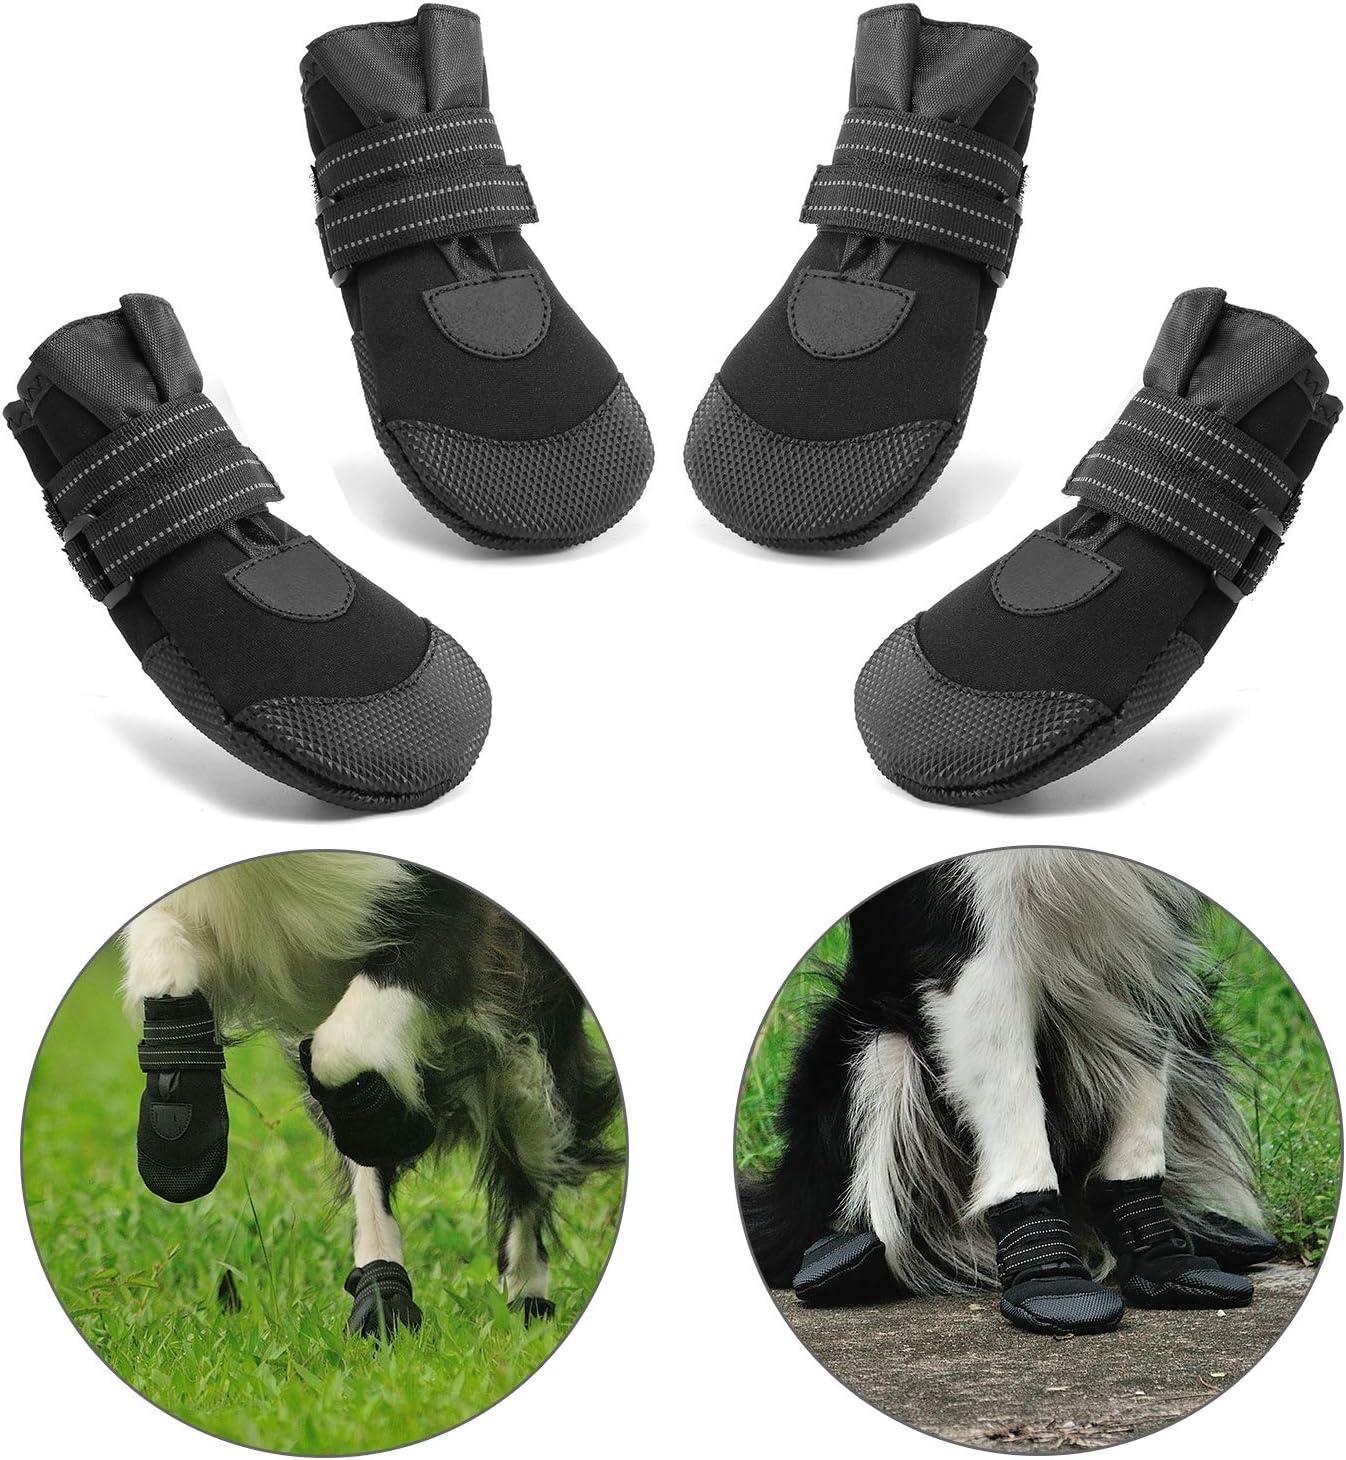 Impermeable Zapatos Perro para Mediano y Grandes Perros Negro RoyalCare Zapatos Perro 5#